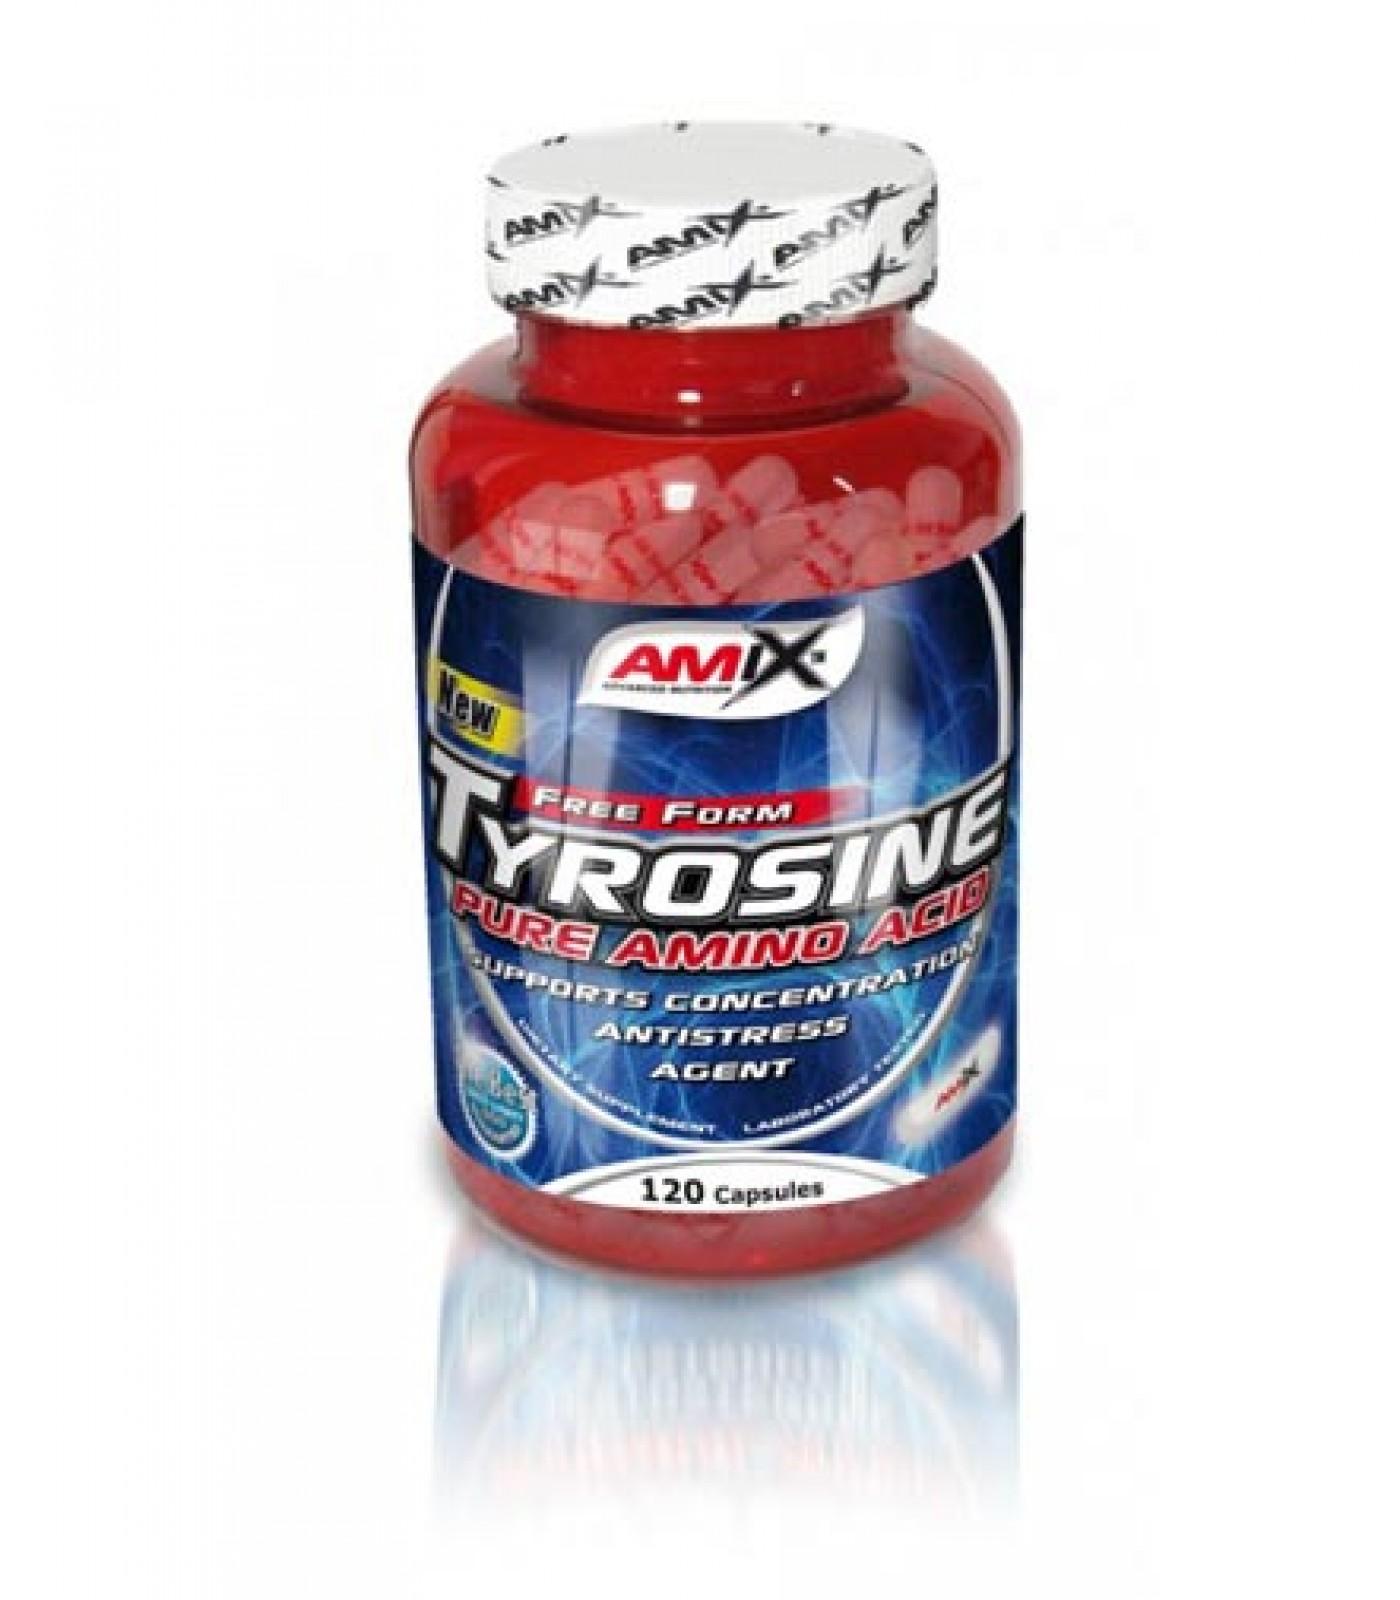 Amix - Tyrosine / 120caps.